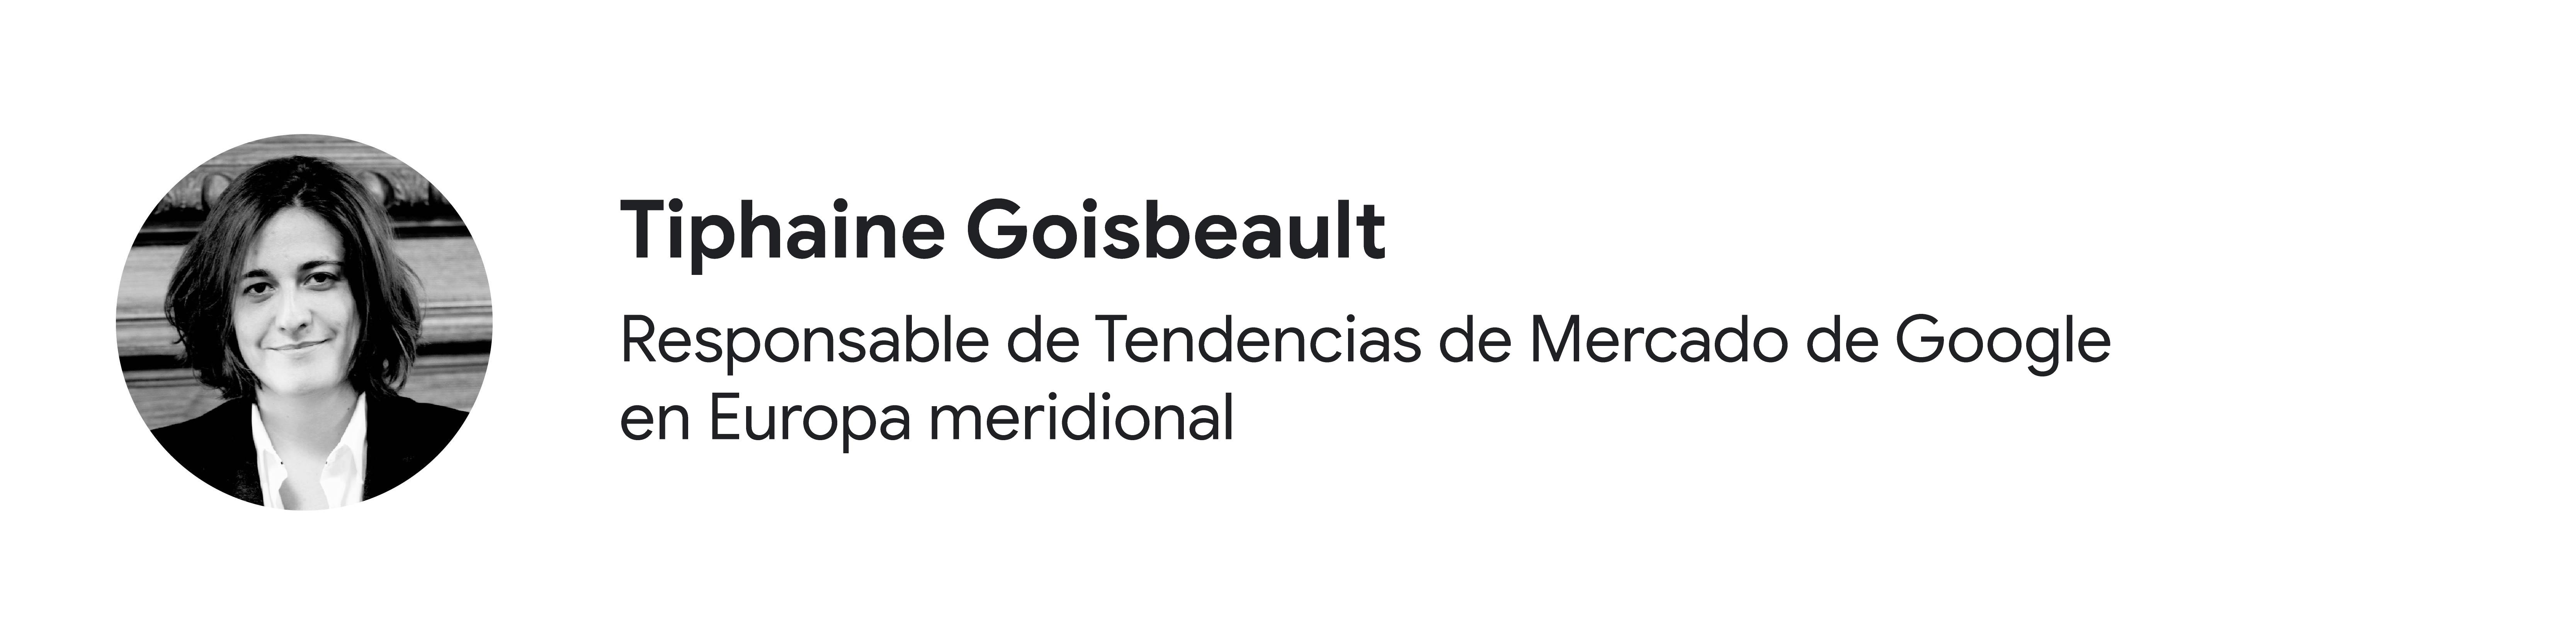 Foto en blanco y negro de la colaboradora Tiphaine Goisbeault, responsable de Tendencias de Mercado de Google en Europa meridional